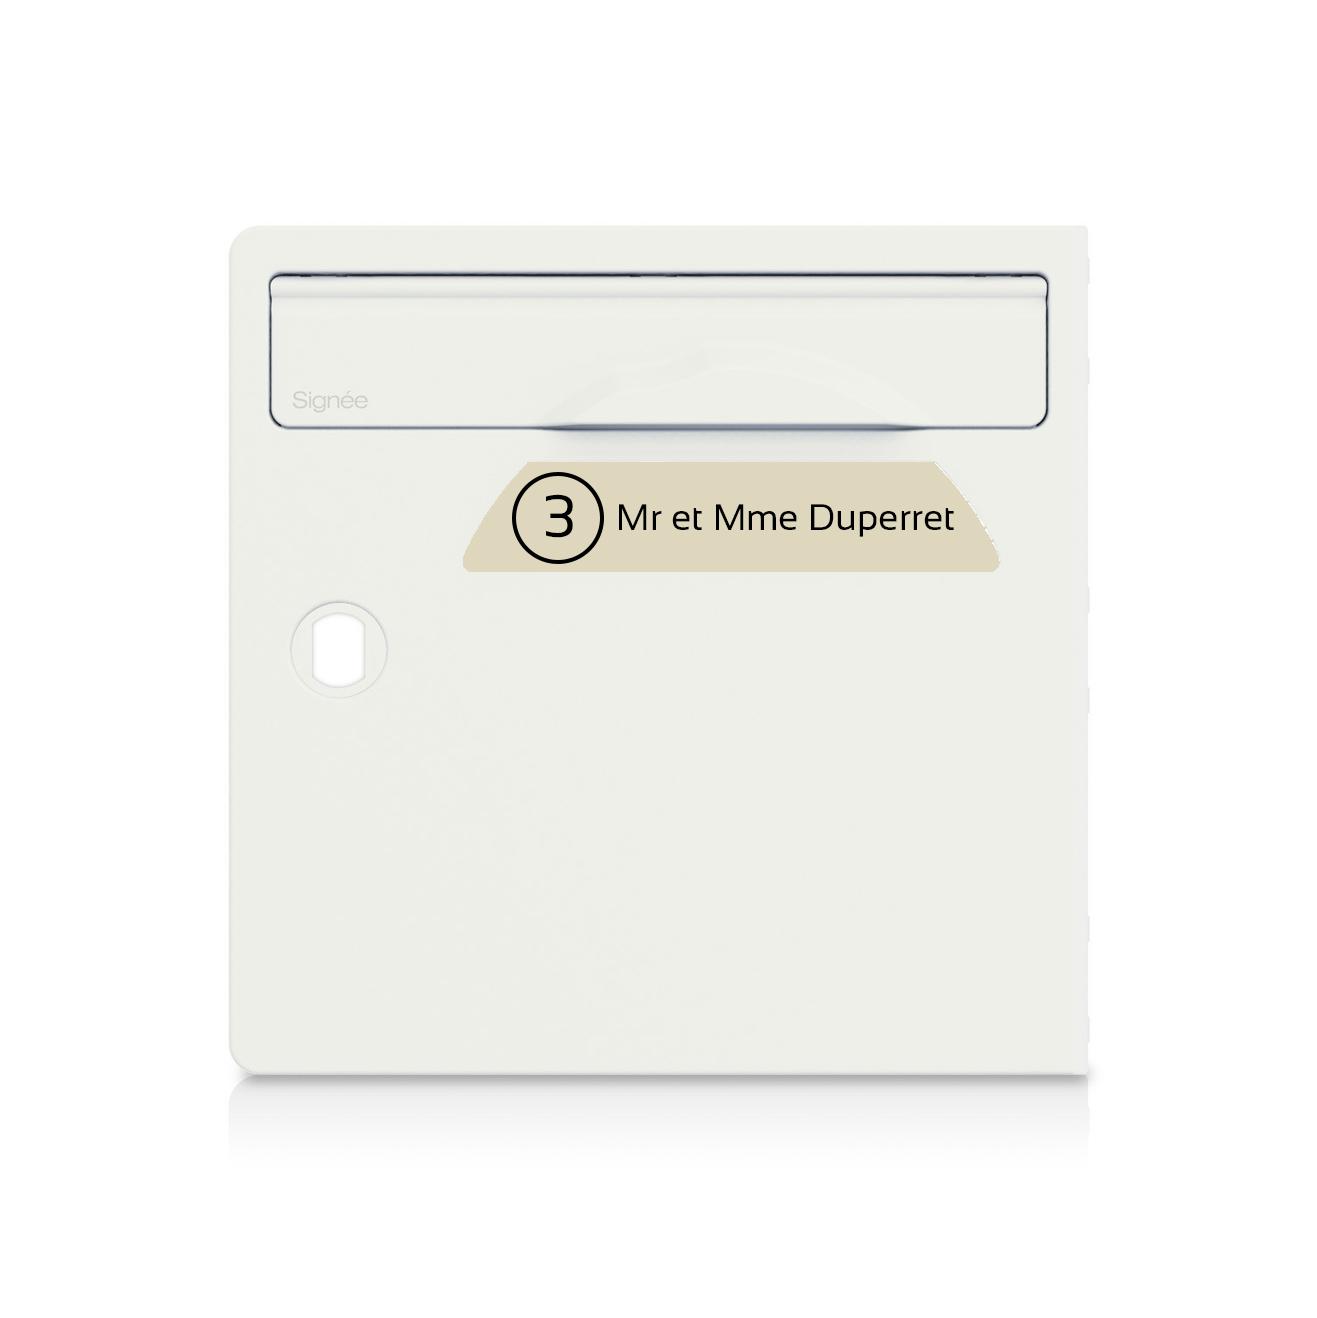 Plaque boite aux lettres Signée NUMERO beige lettres noires - 1 ligne